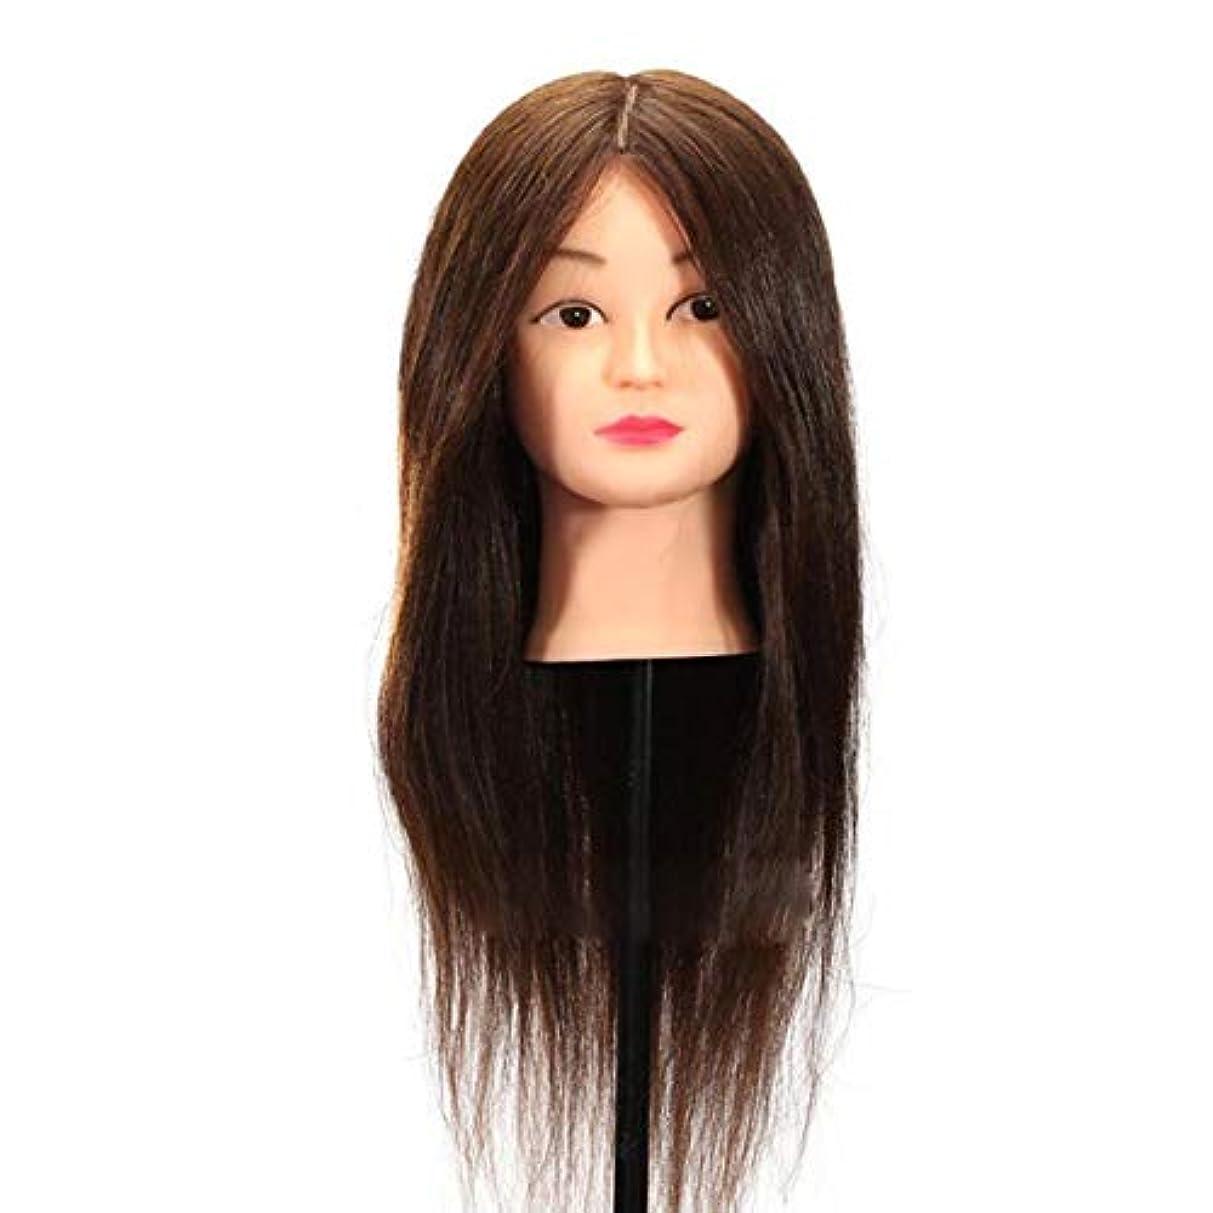 ファッション苦い追放するヘアマネキンヘッド練習ディスク髪編組ヘッドモデル理髪店学校教育かつらヘッドバンドブラケット